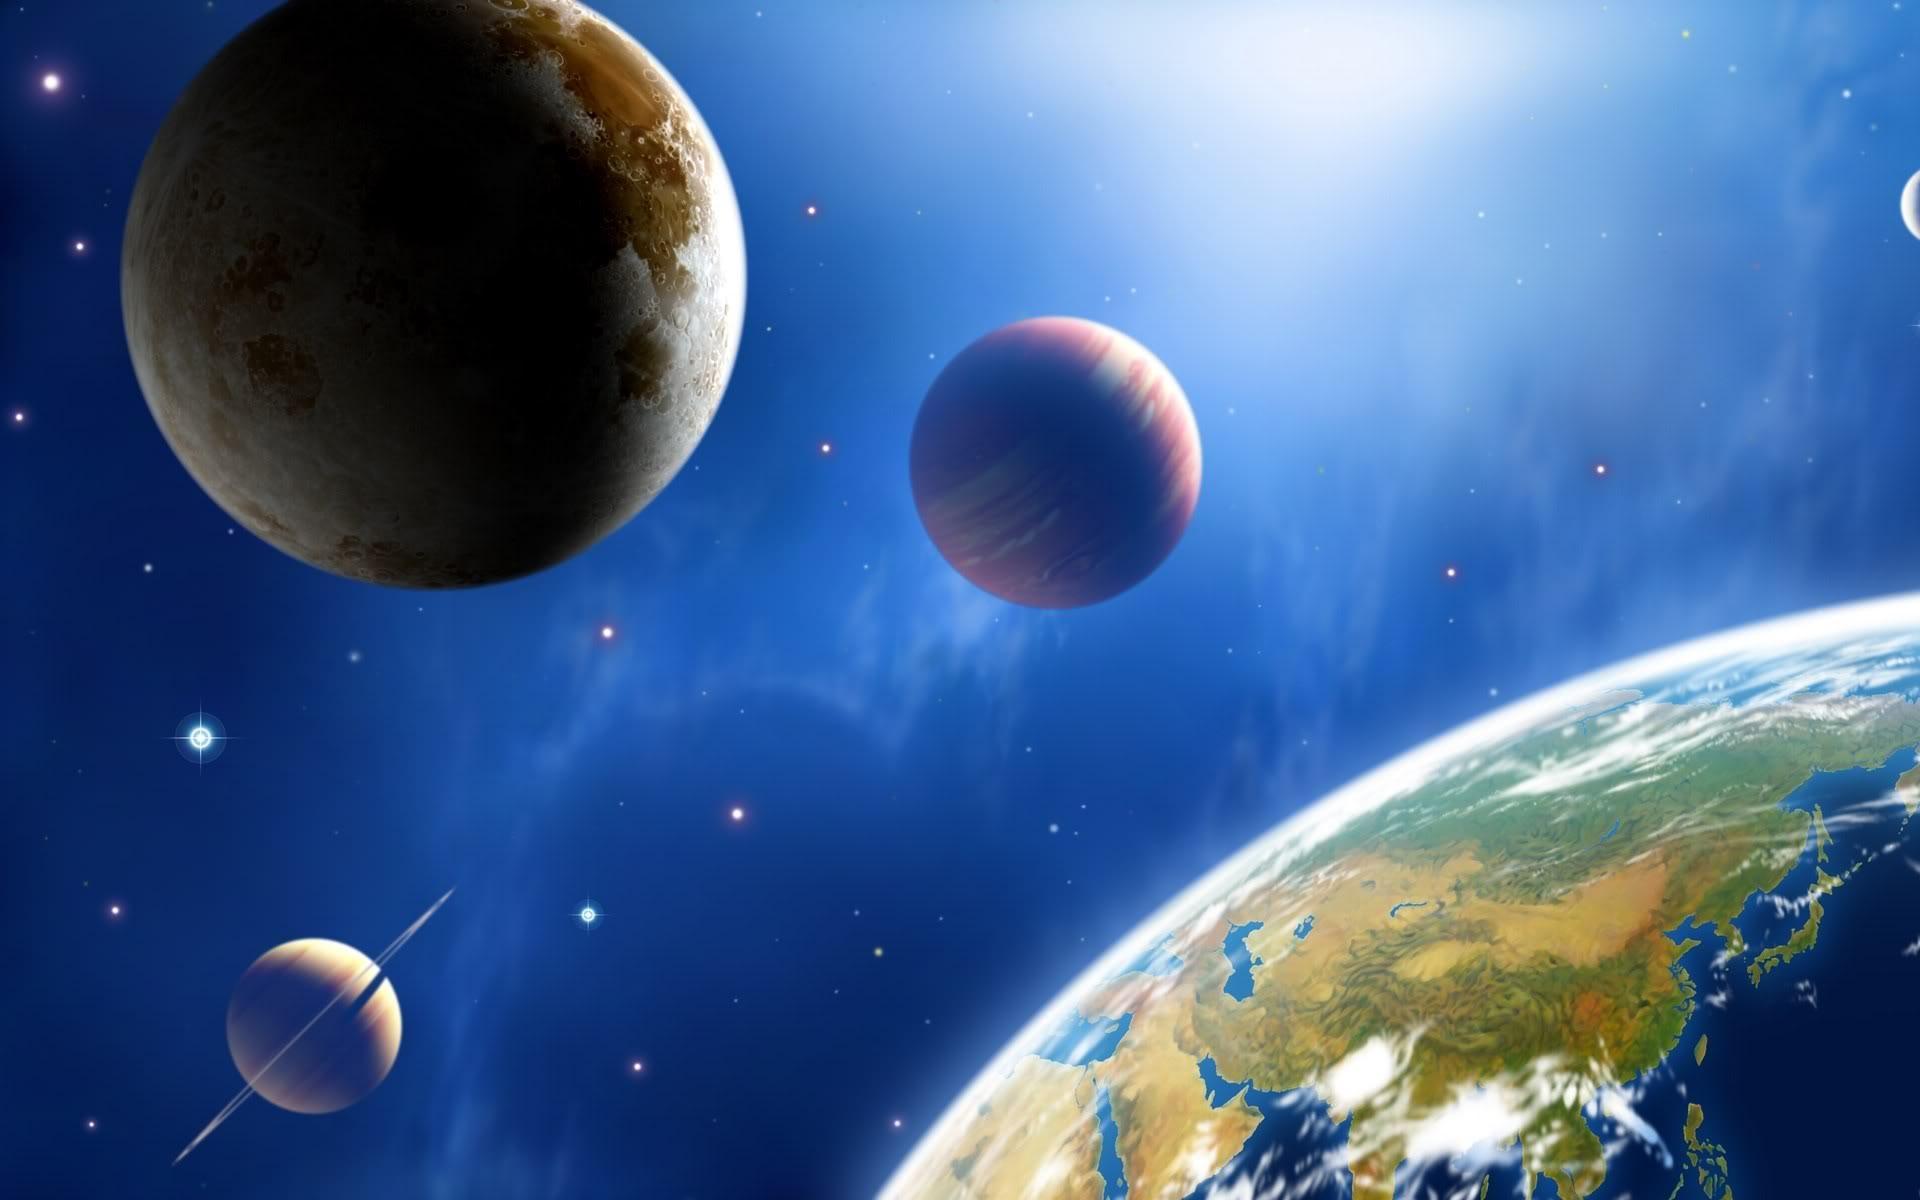 картинки космоса и планет красивые